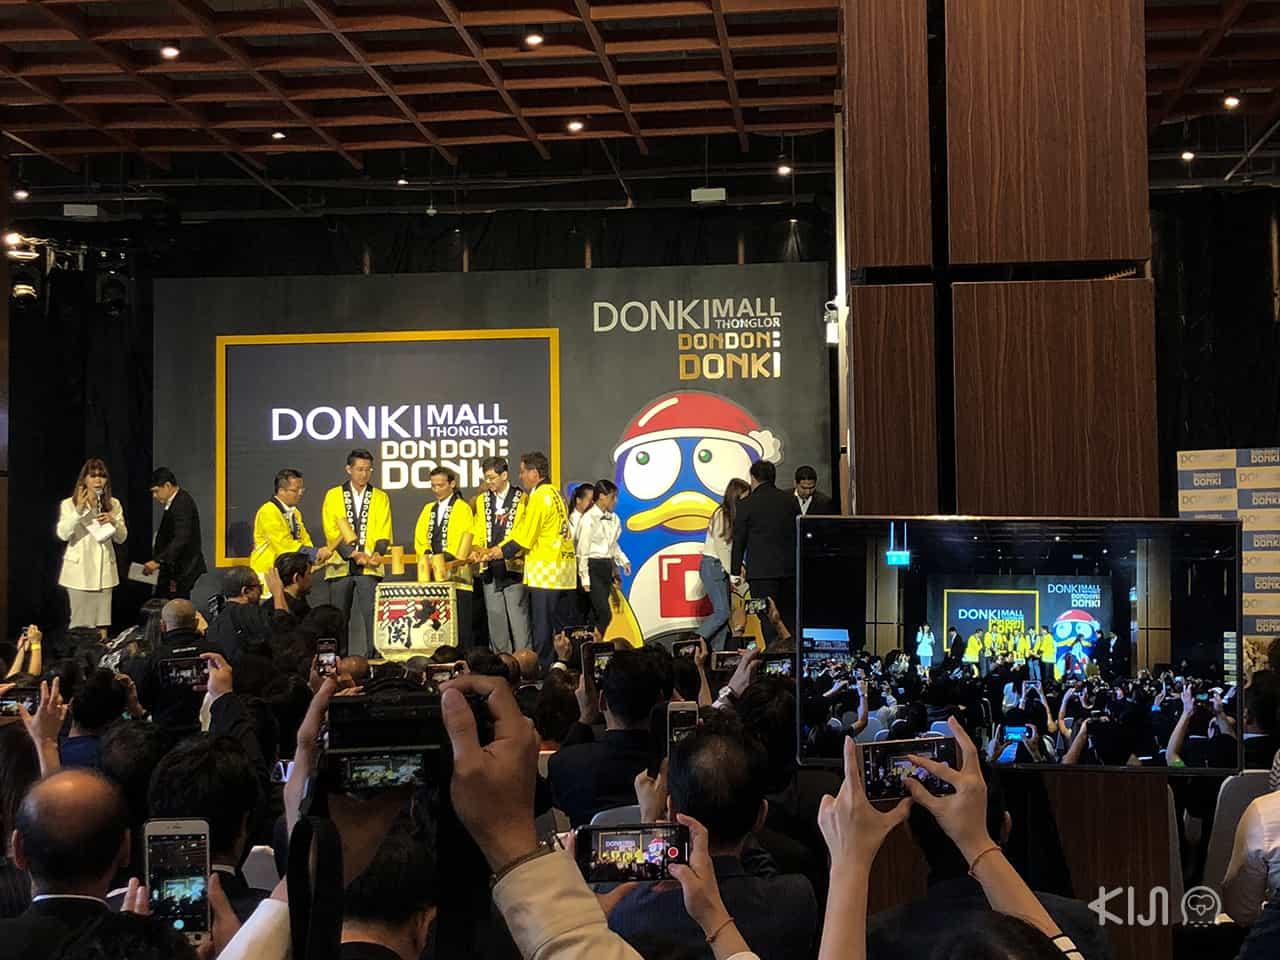 ดองกิ ทองหล่อ donki thailand